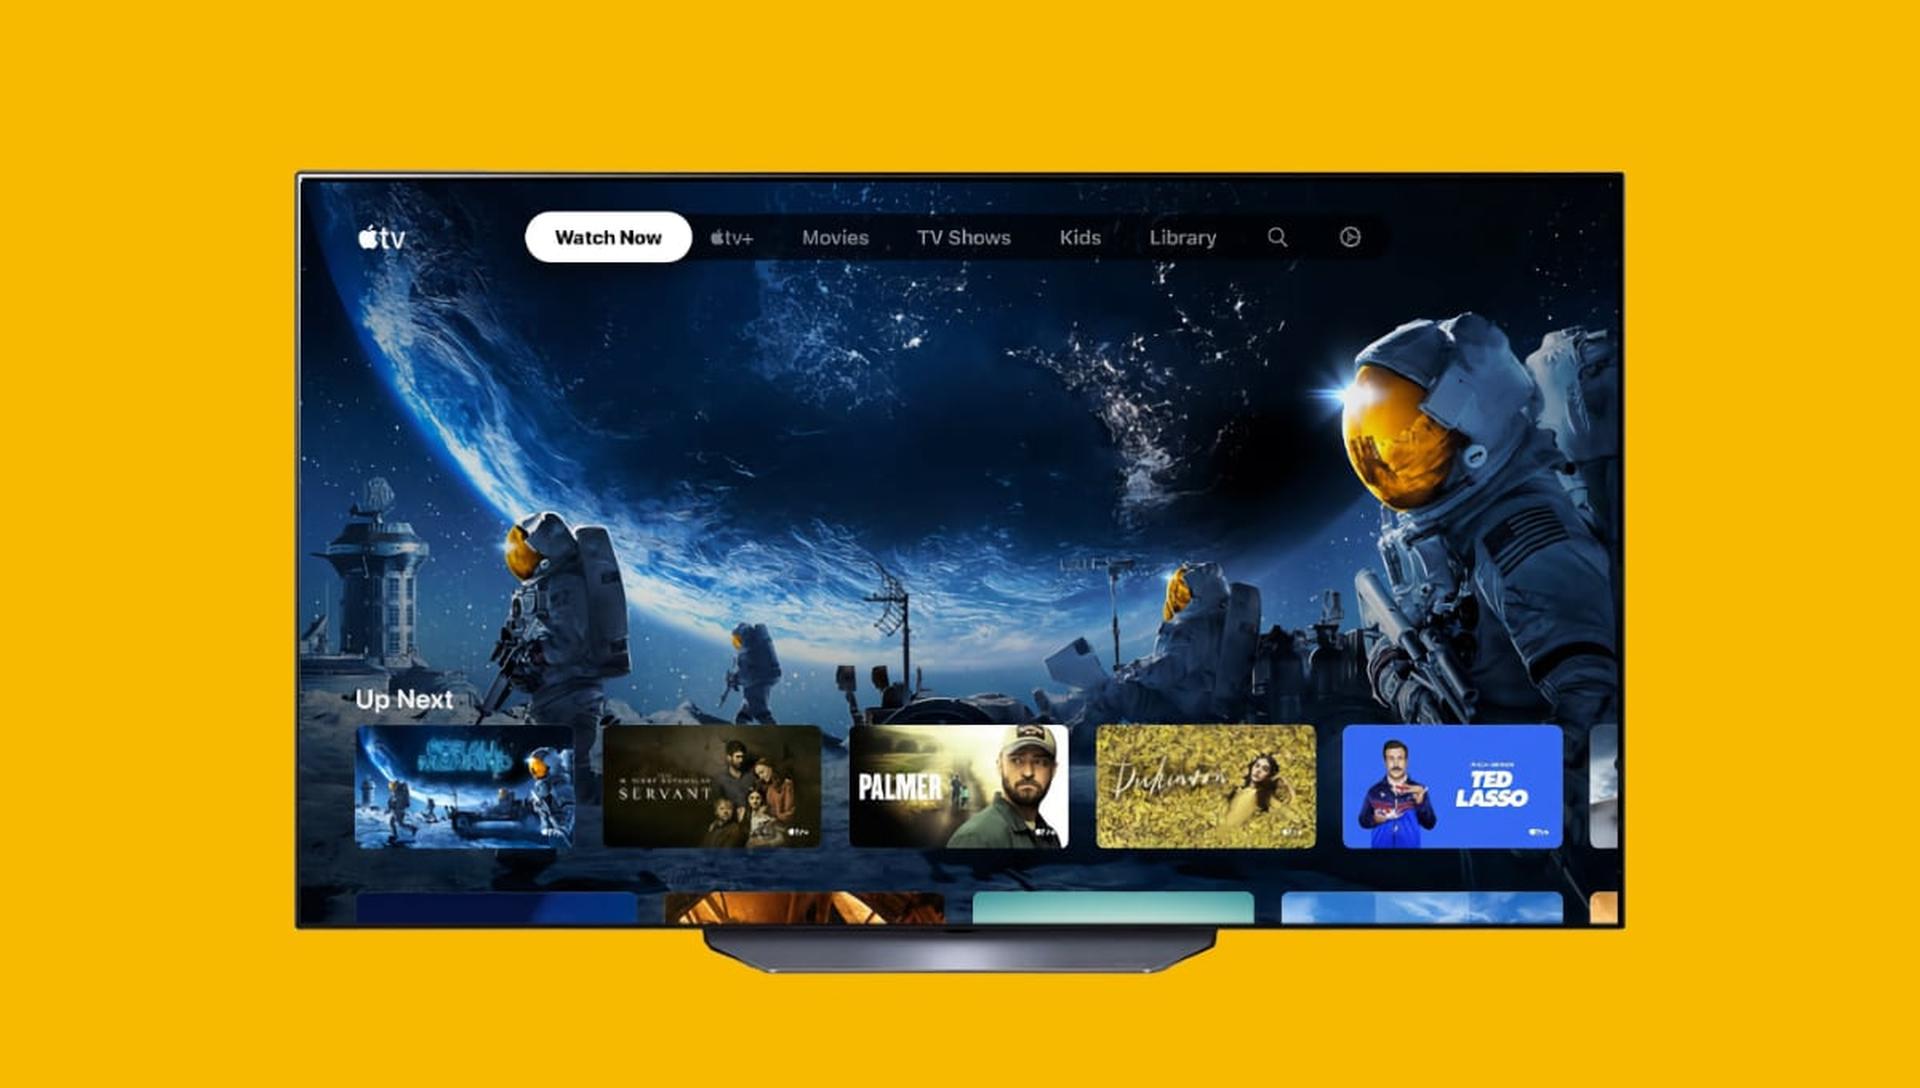 Telewizory od LG z 2016 oraz 2017 roku z aplikacją Apple TV+